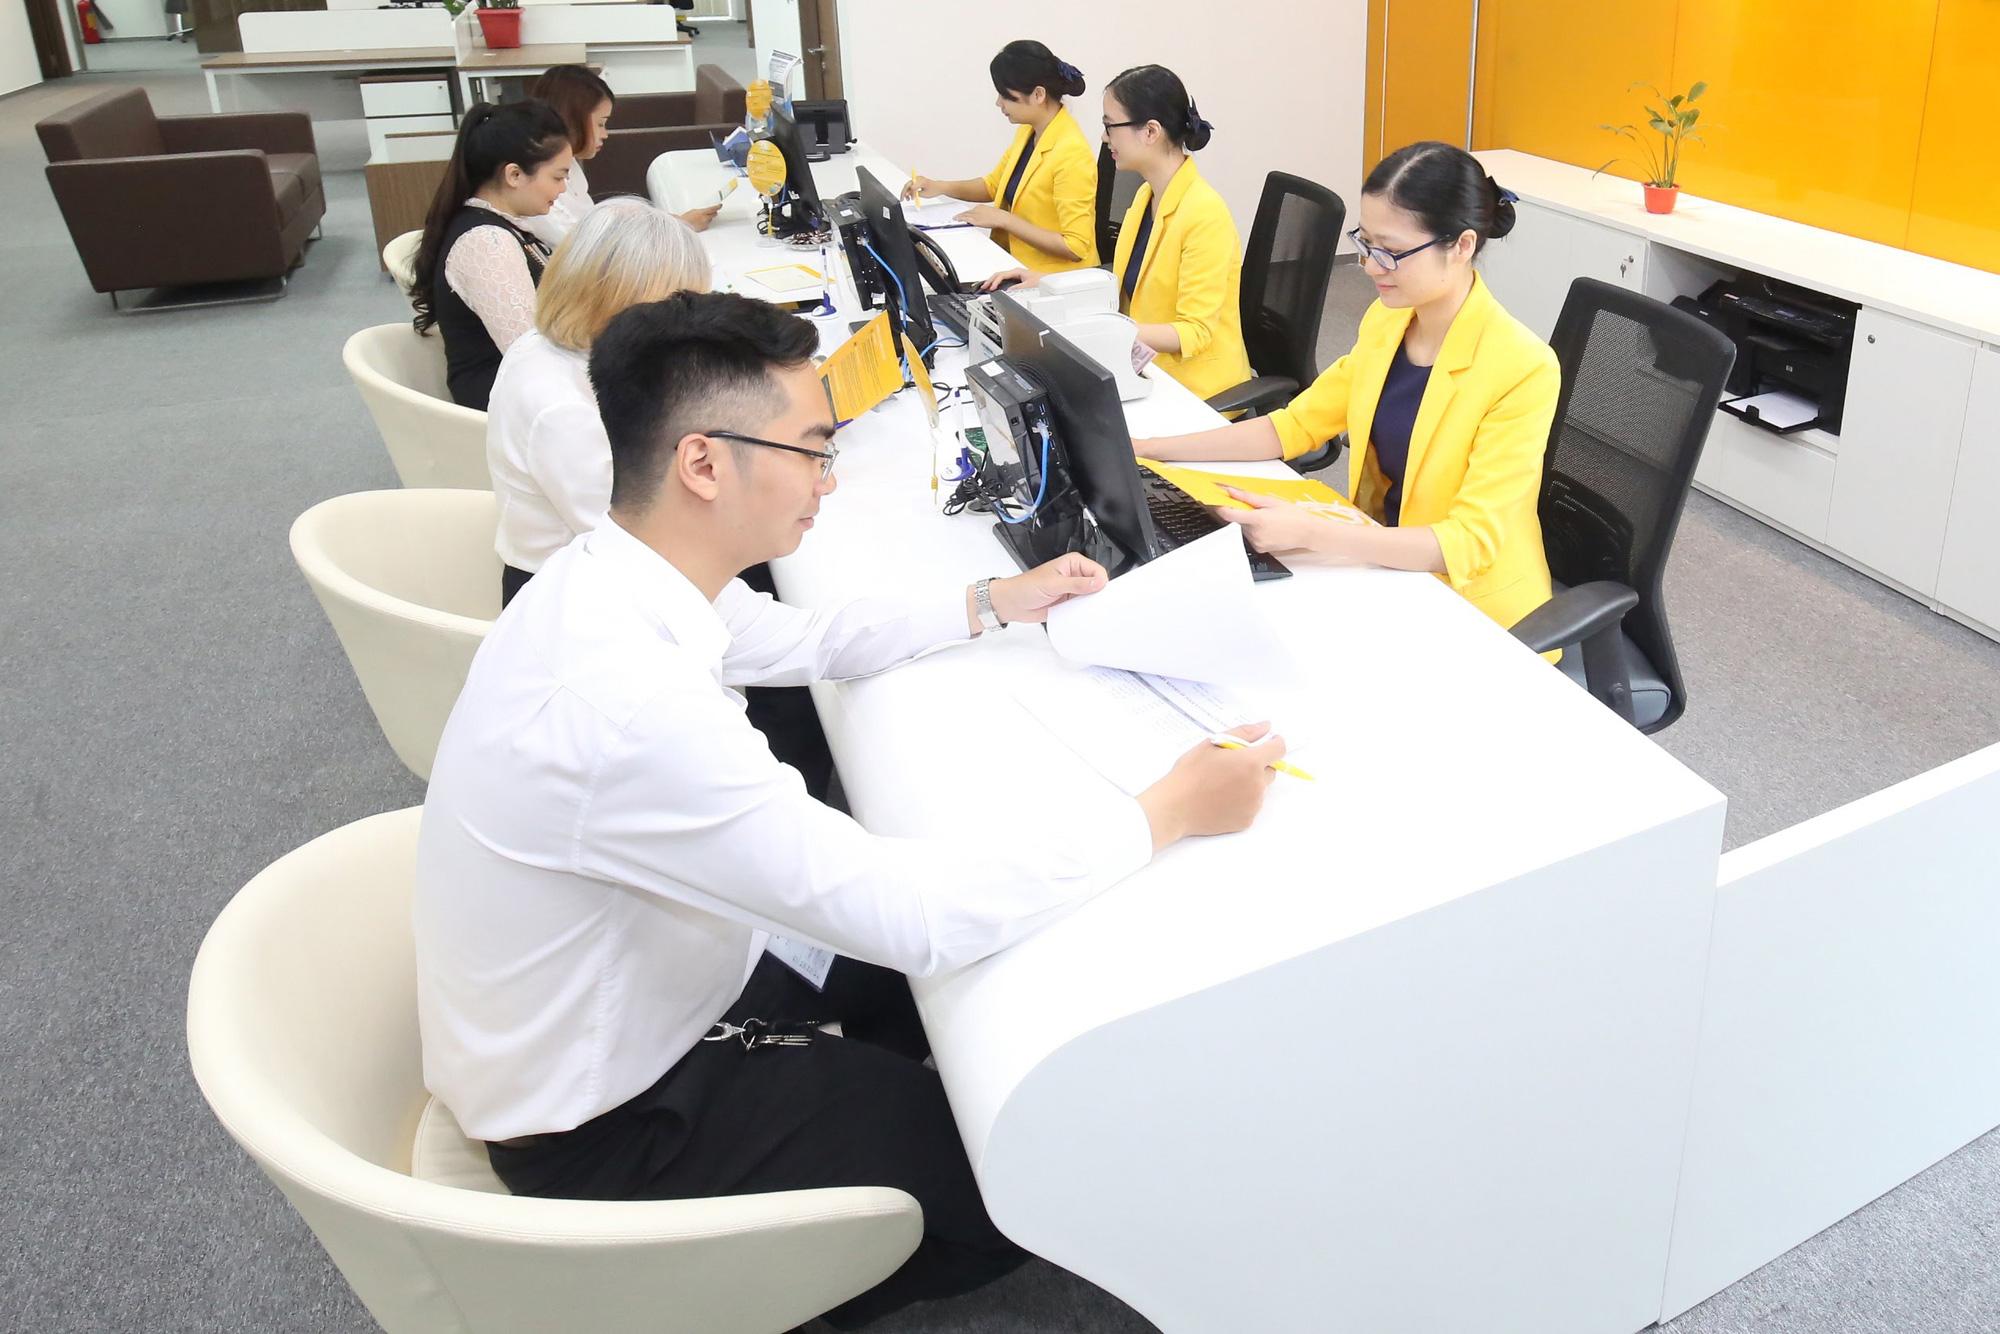 """Chưa chuyển tiền Quỹ vaccine, Sun Life Việt Nam thua lỗ triền miên """"ôm"""" 1.660 tỷ lỗ lũy kế - Ảnh 1."""